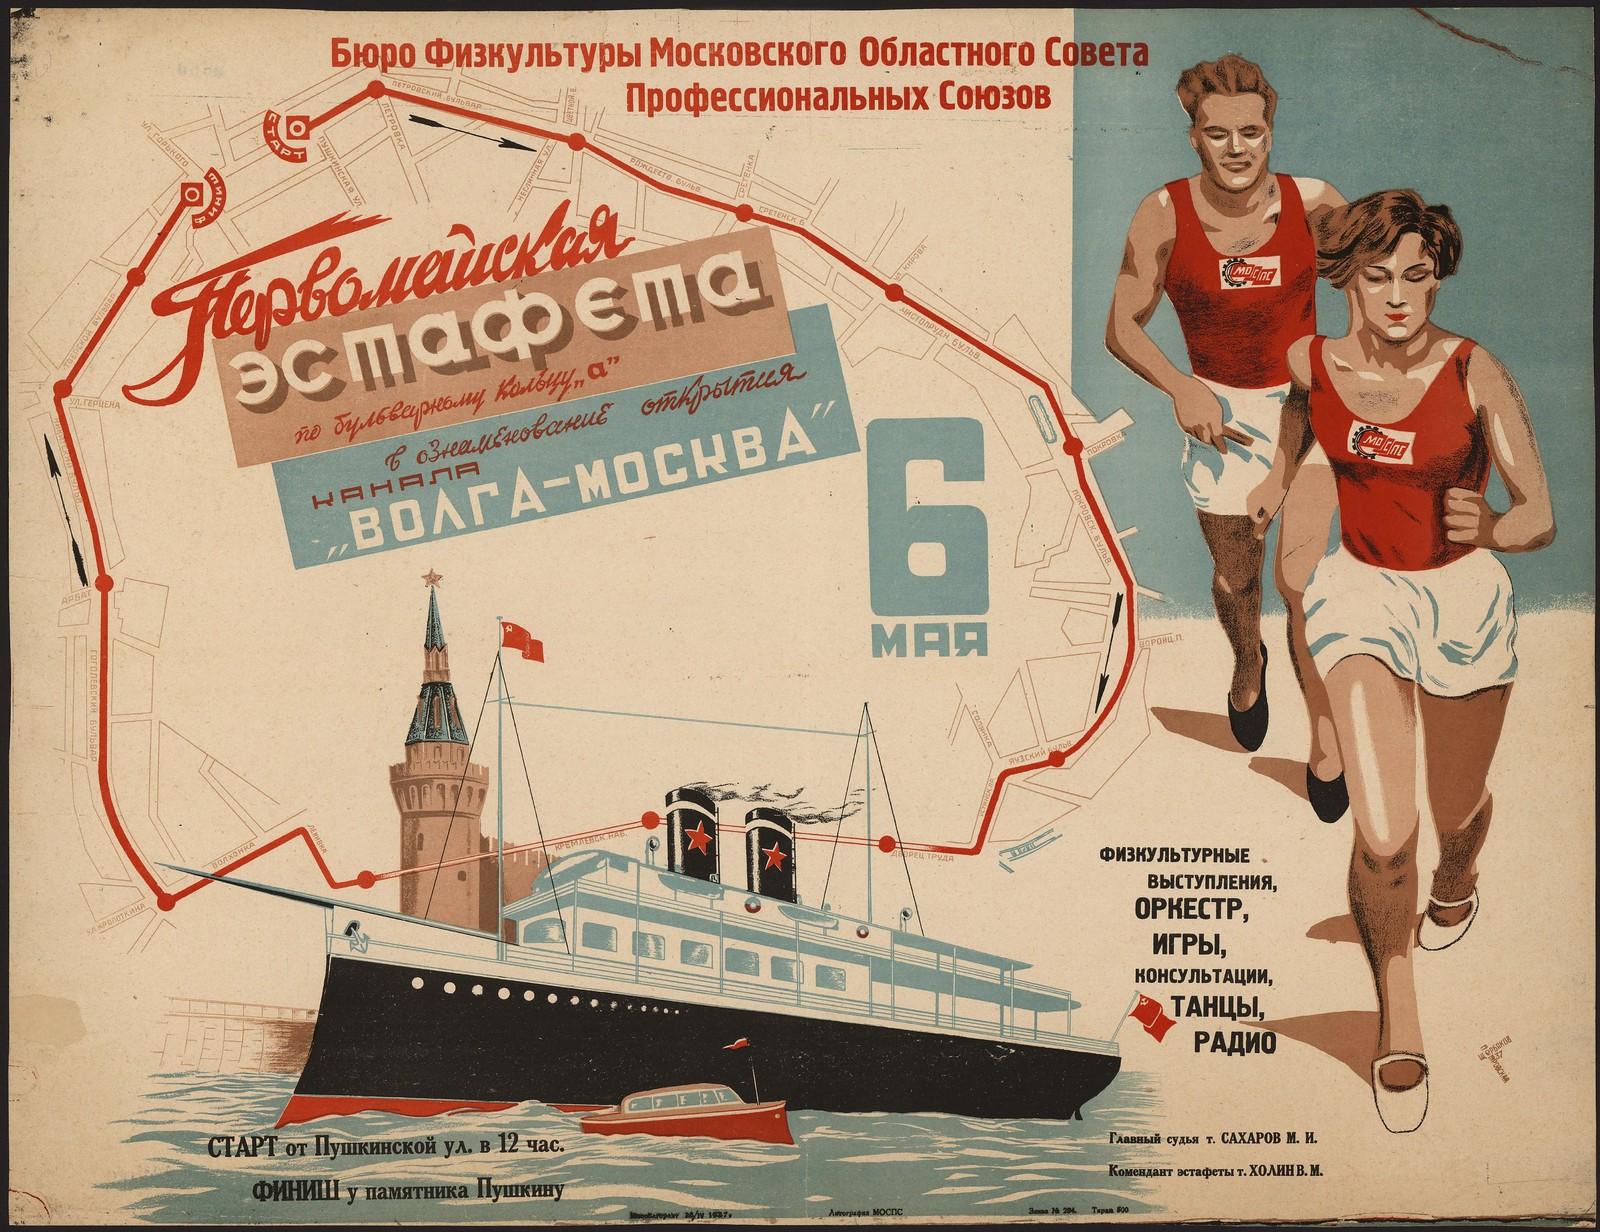 1937. Первомайская эстафета по бульварному Кольцу а в ознаменование открытия Волга - Москва 6 мая